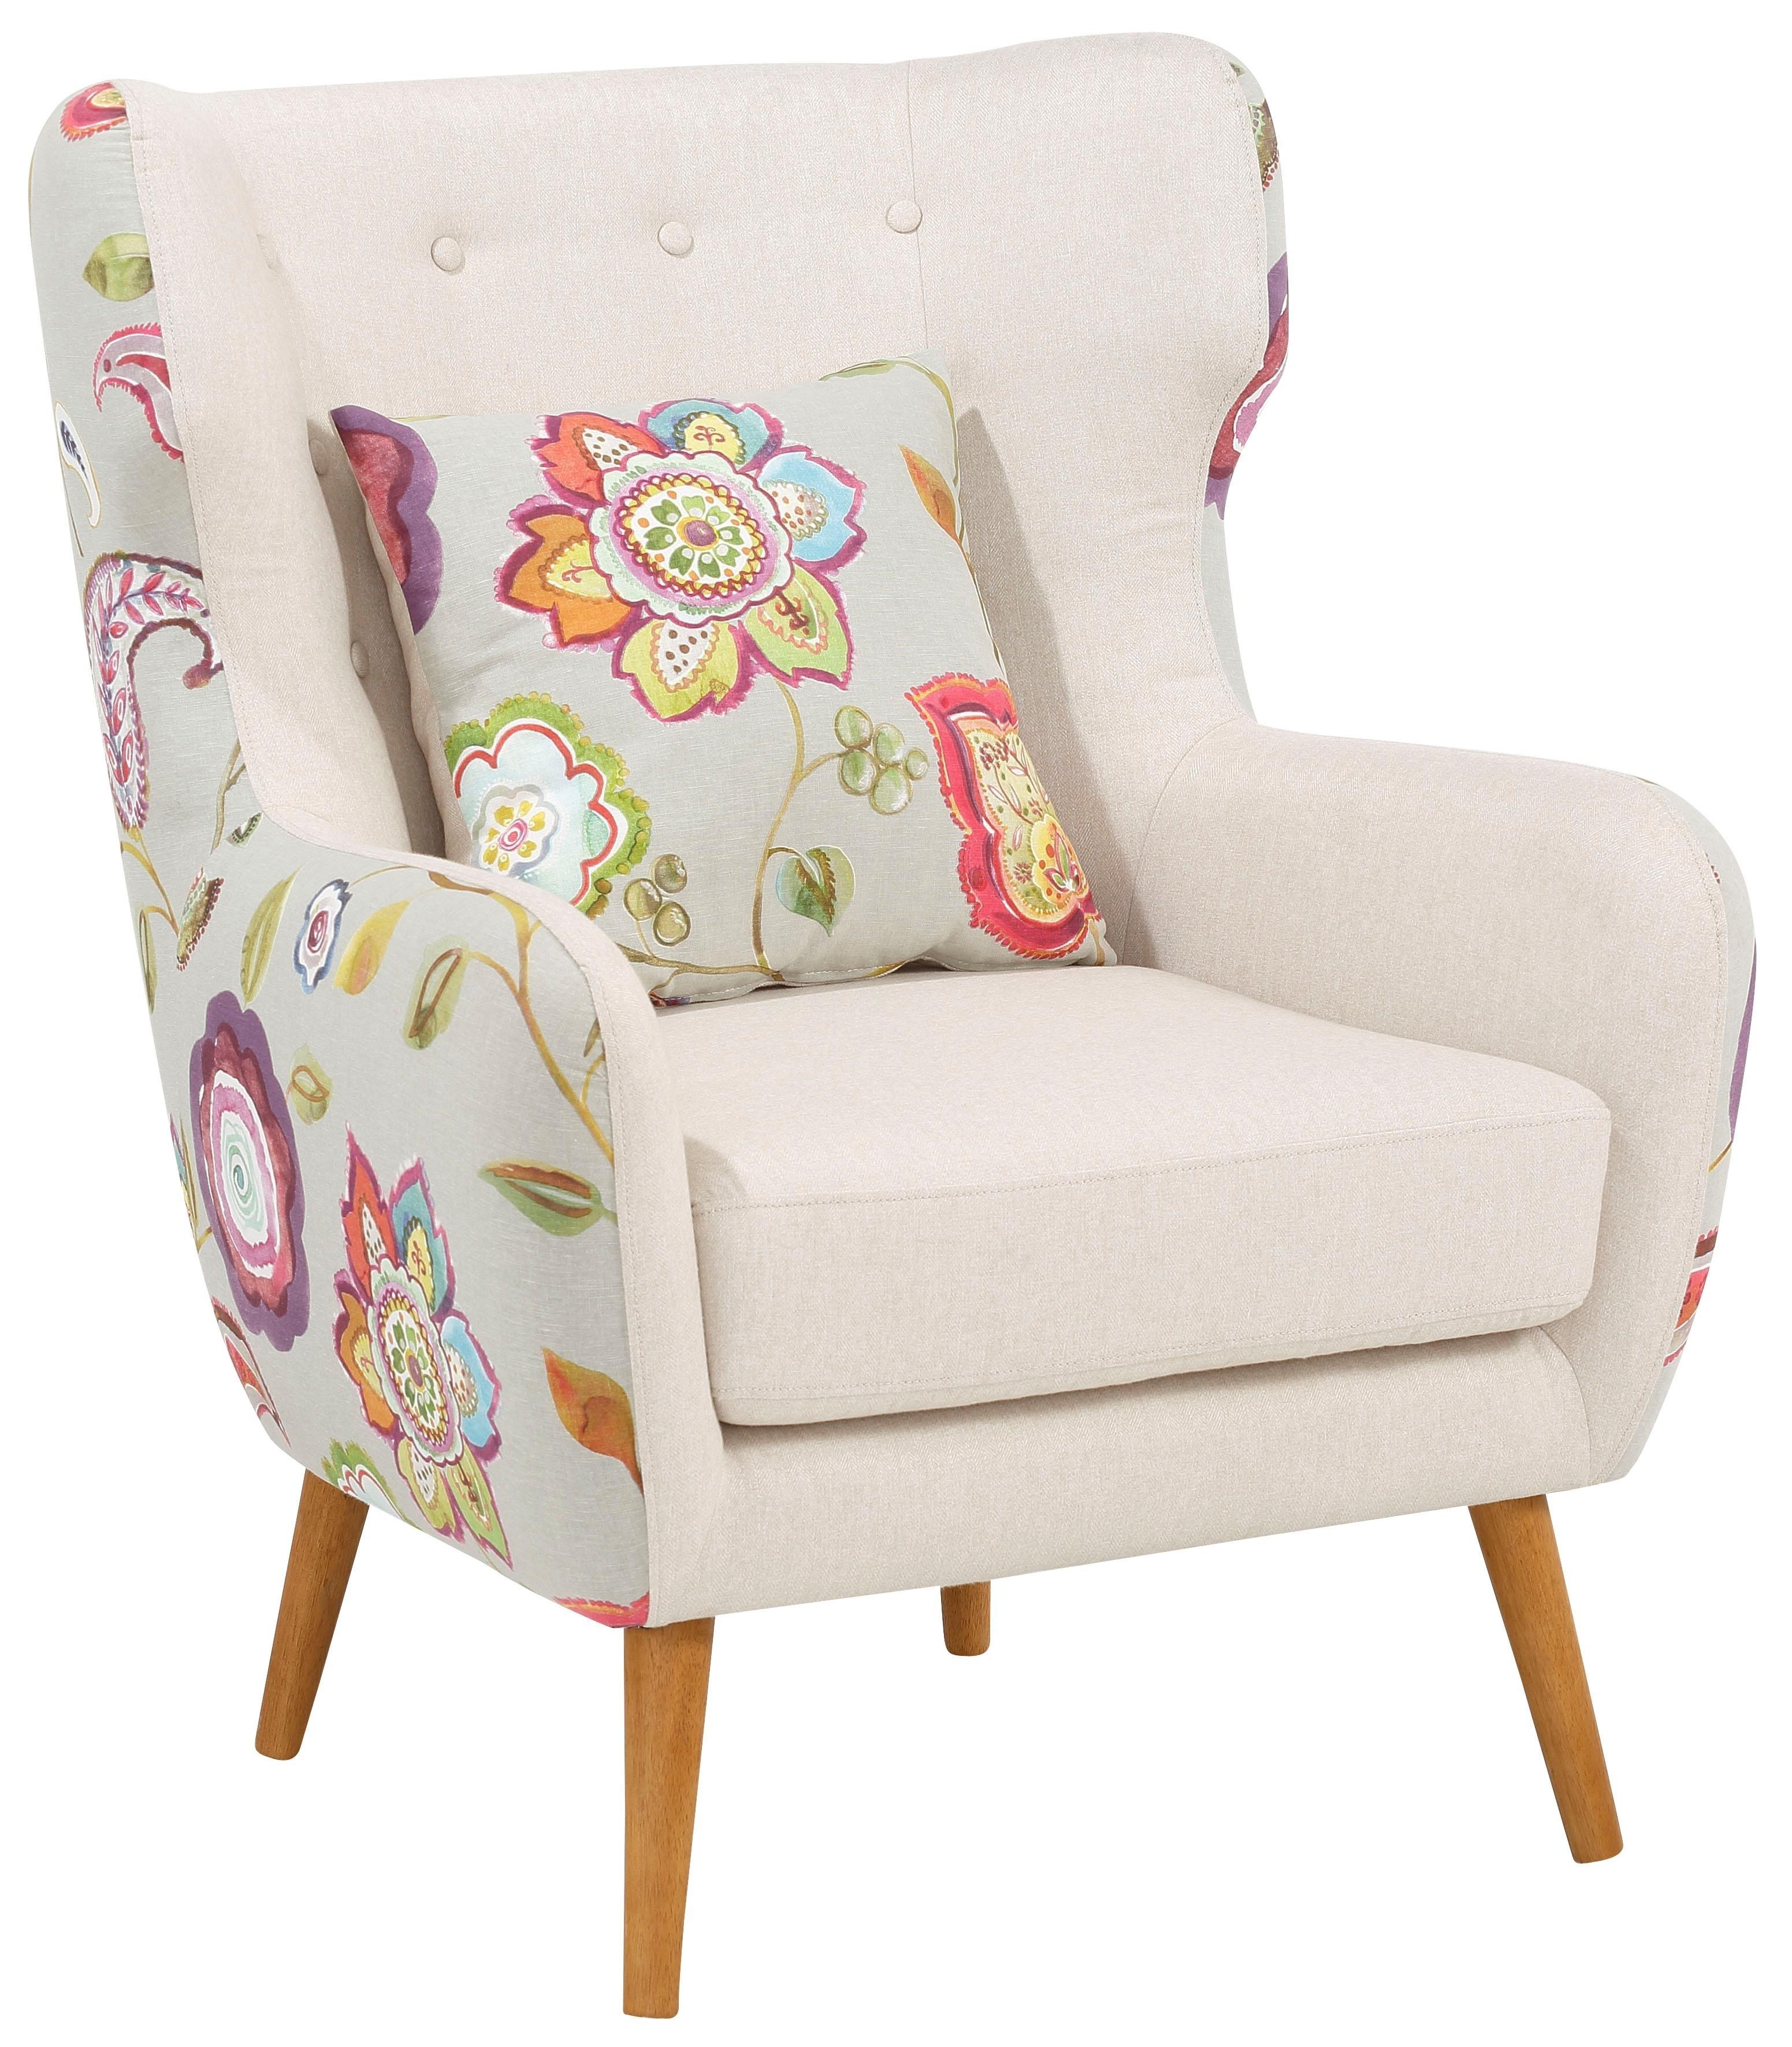 Home Affaire oorfauteuil »Missouri«, 2-kleurig met bloemmotief, beklede zitting, zithoogte 47 cm bestellen: 30 dagen bedenktijd